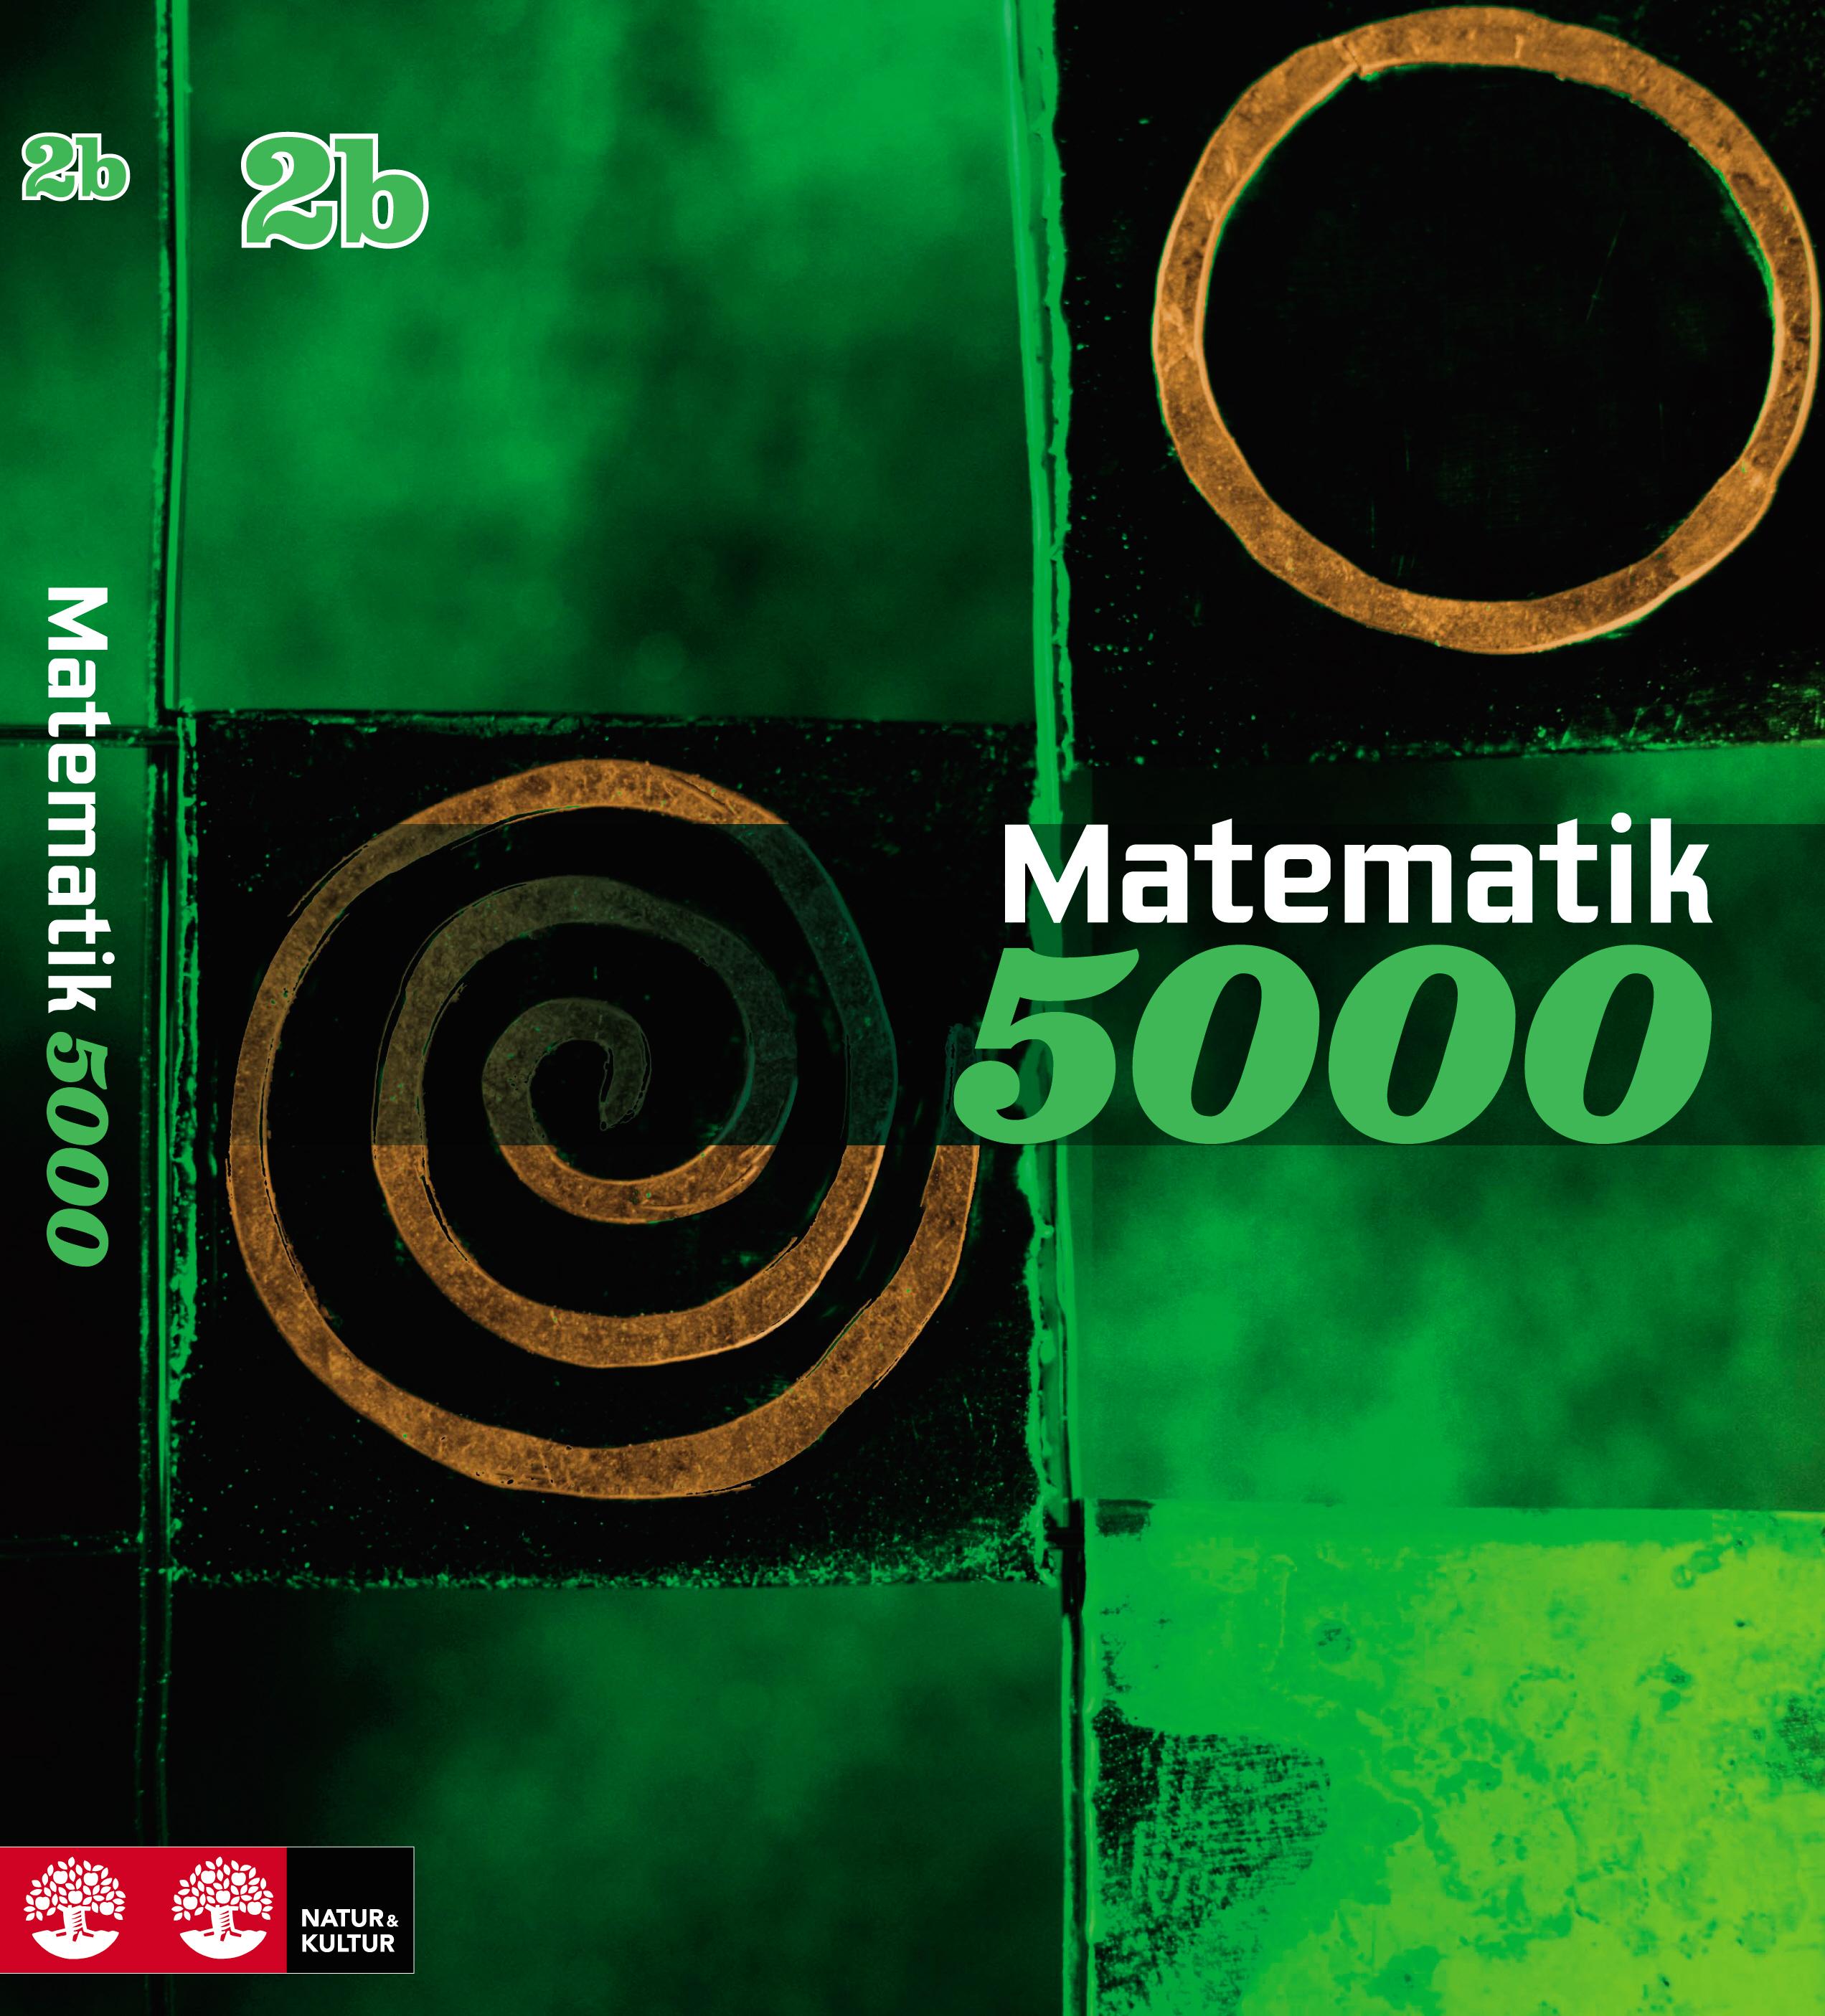 Matematik 5000 Kurs 2b Grön lärobok.